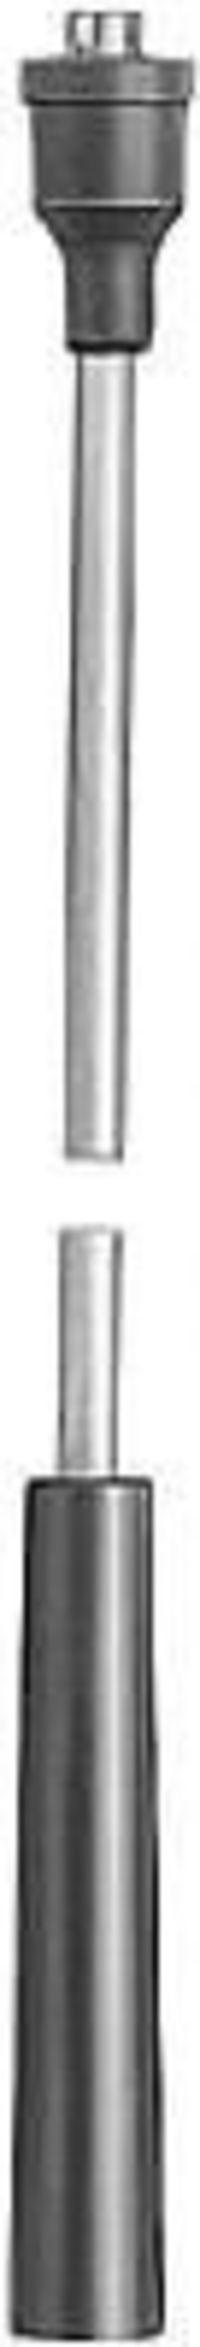 Провод зажигания BERU R121